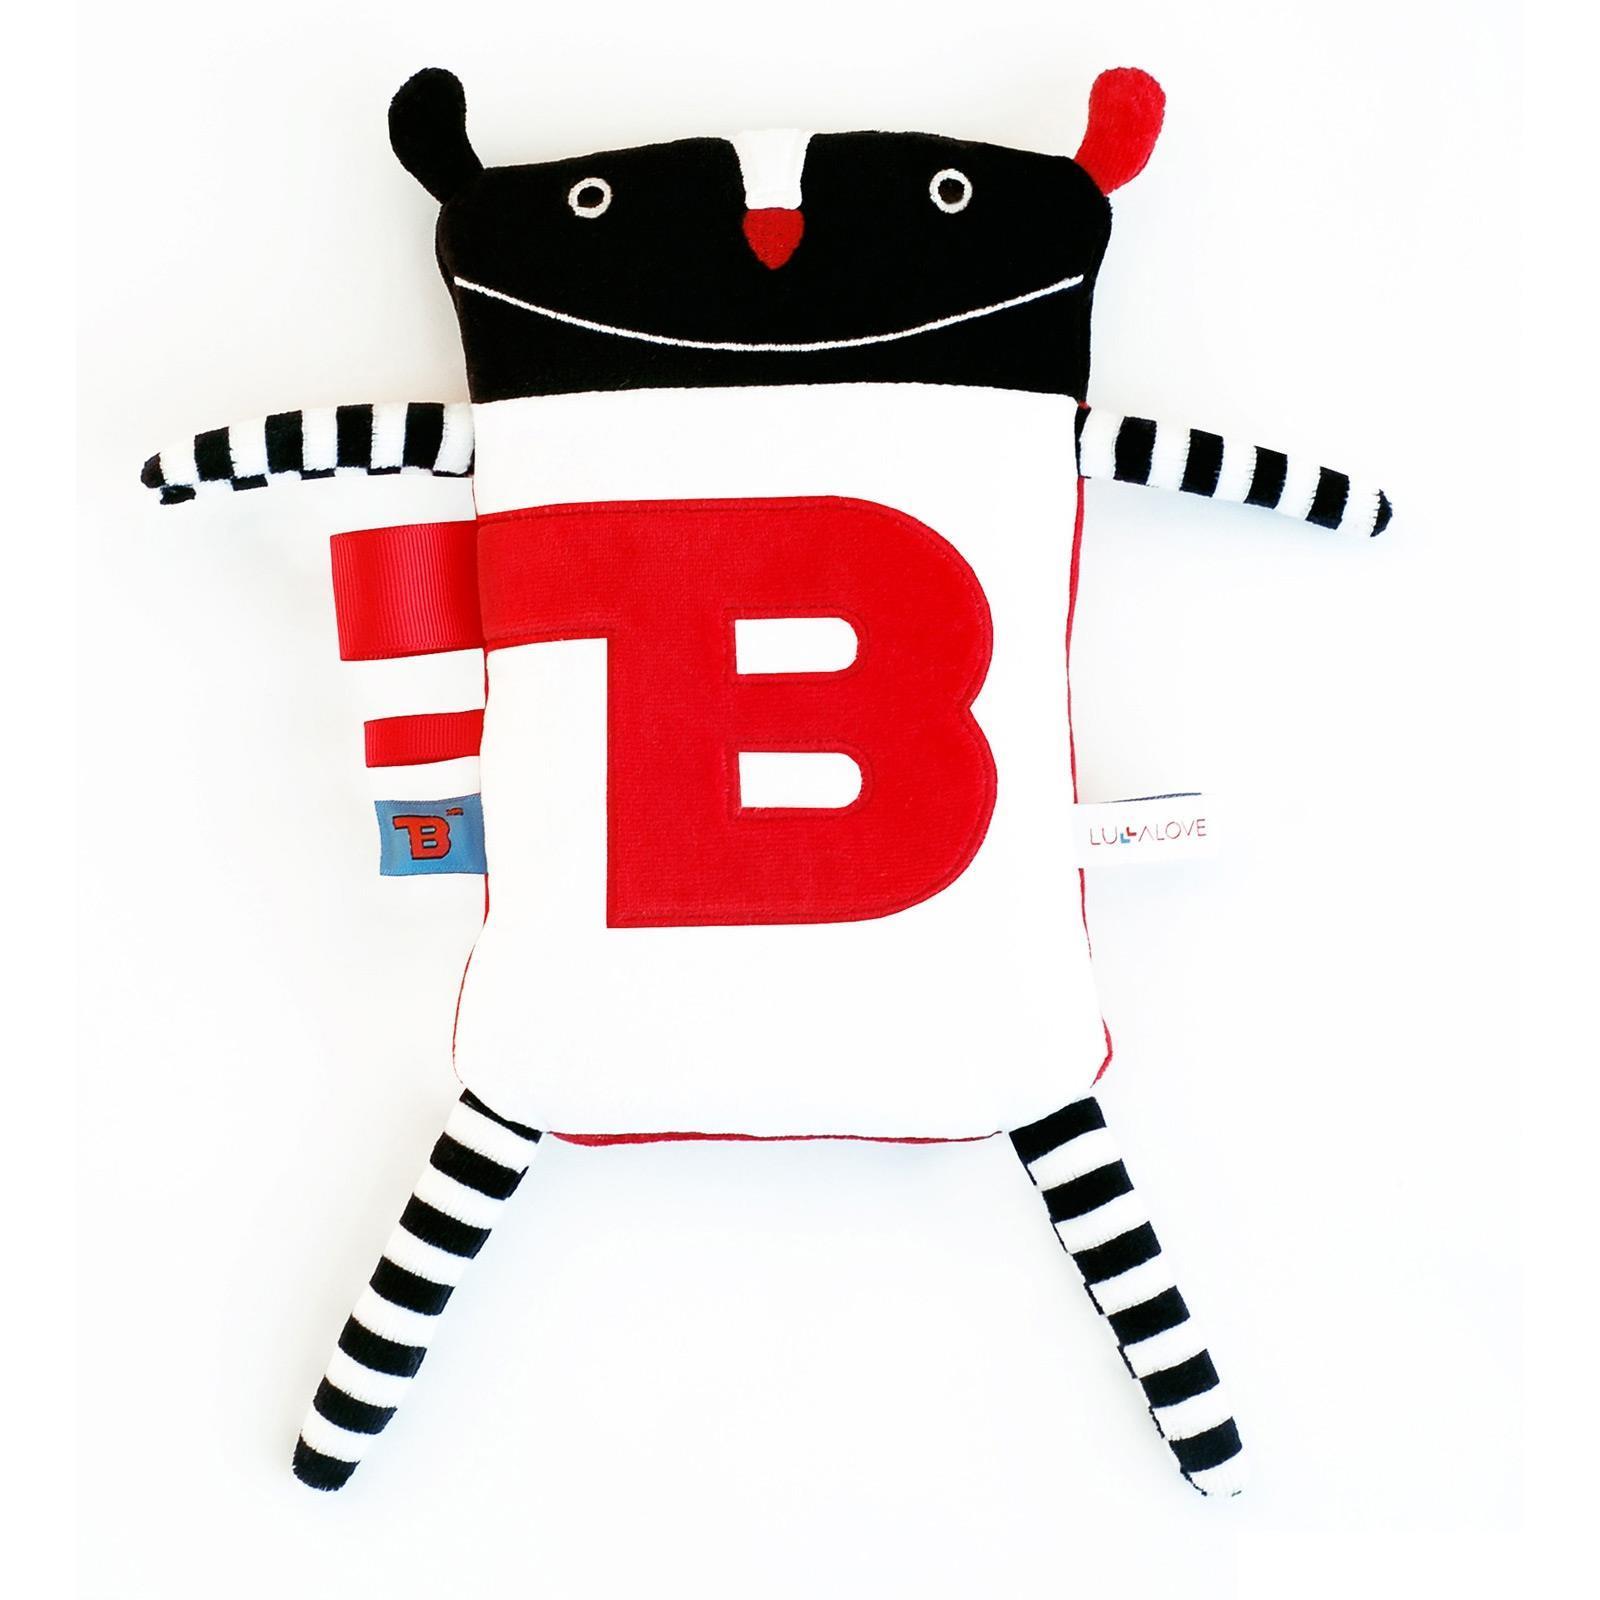 Mr B - miękki termofor od Lullalove